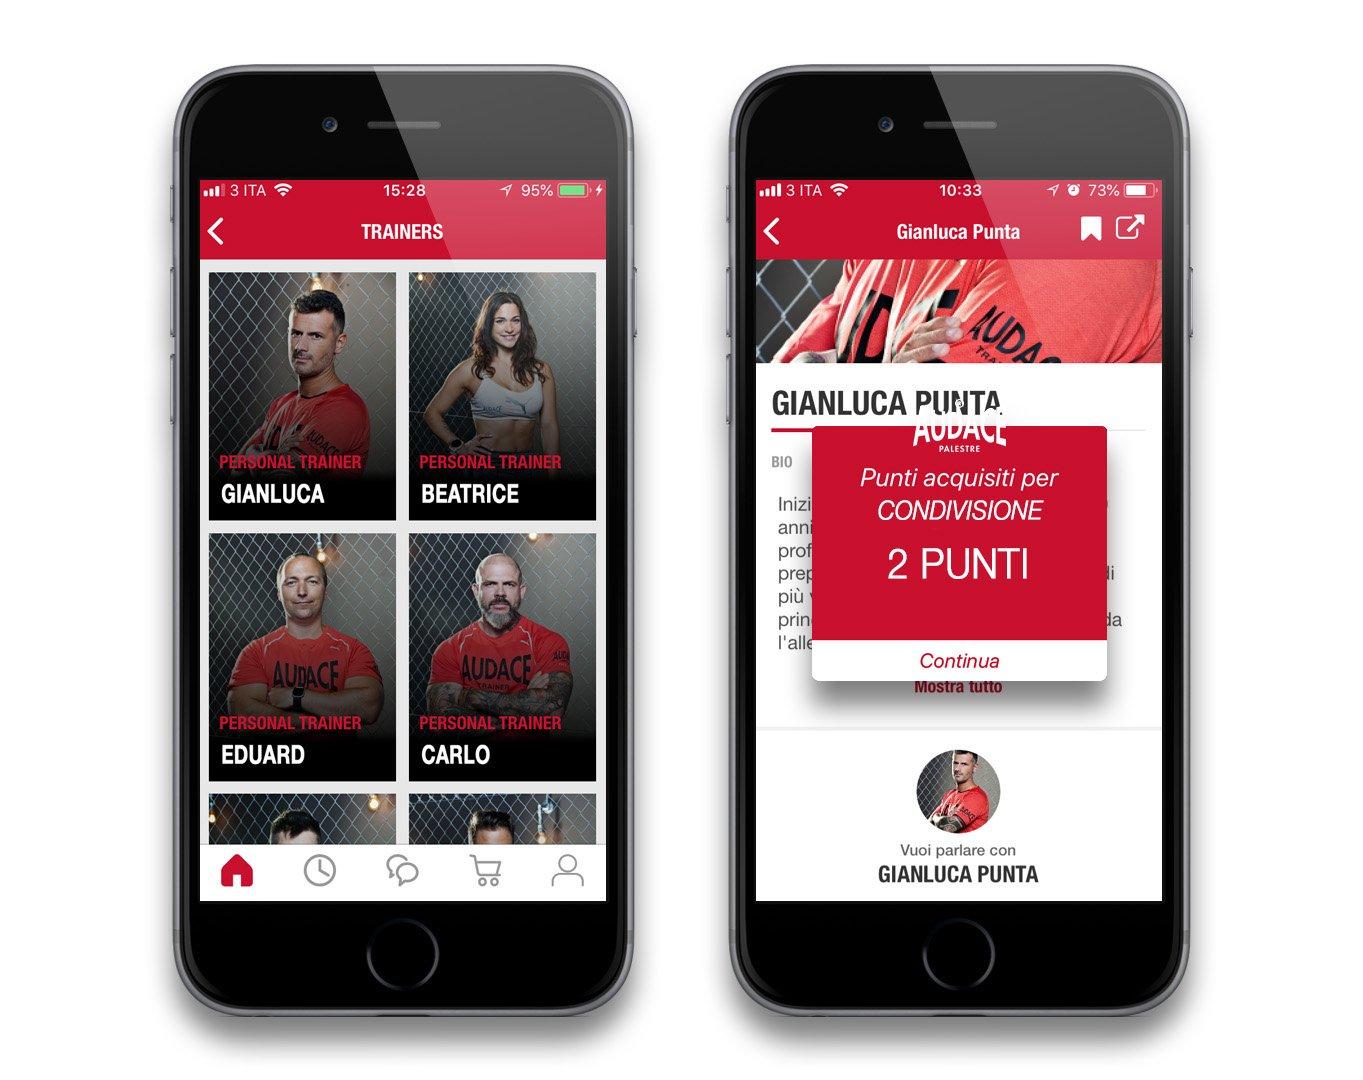 Audace App Trainer condiviso